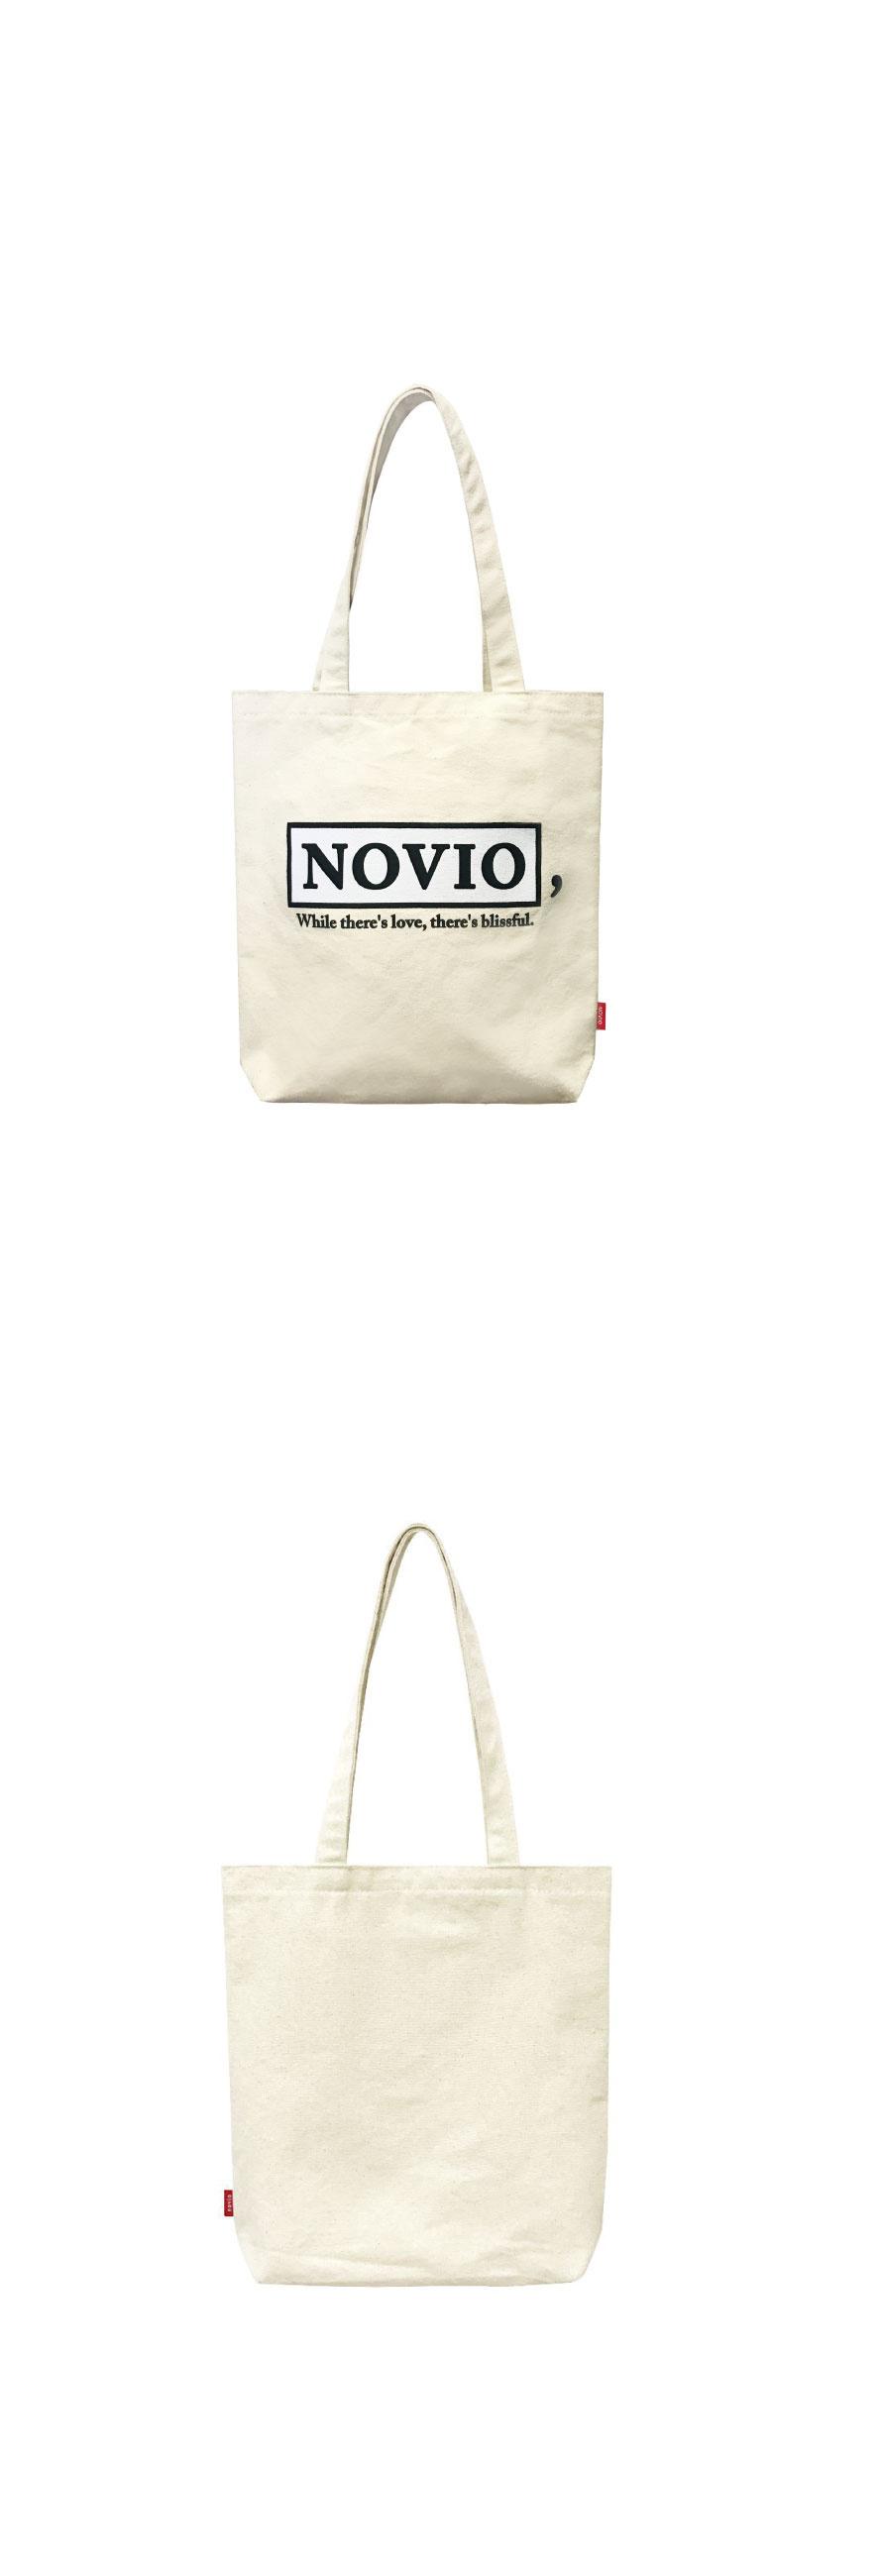 노비오(NOVIO) 시그니처 로고 에코백_블랙